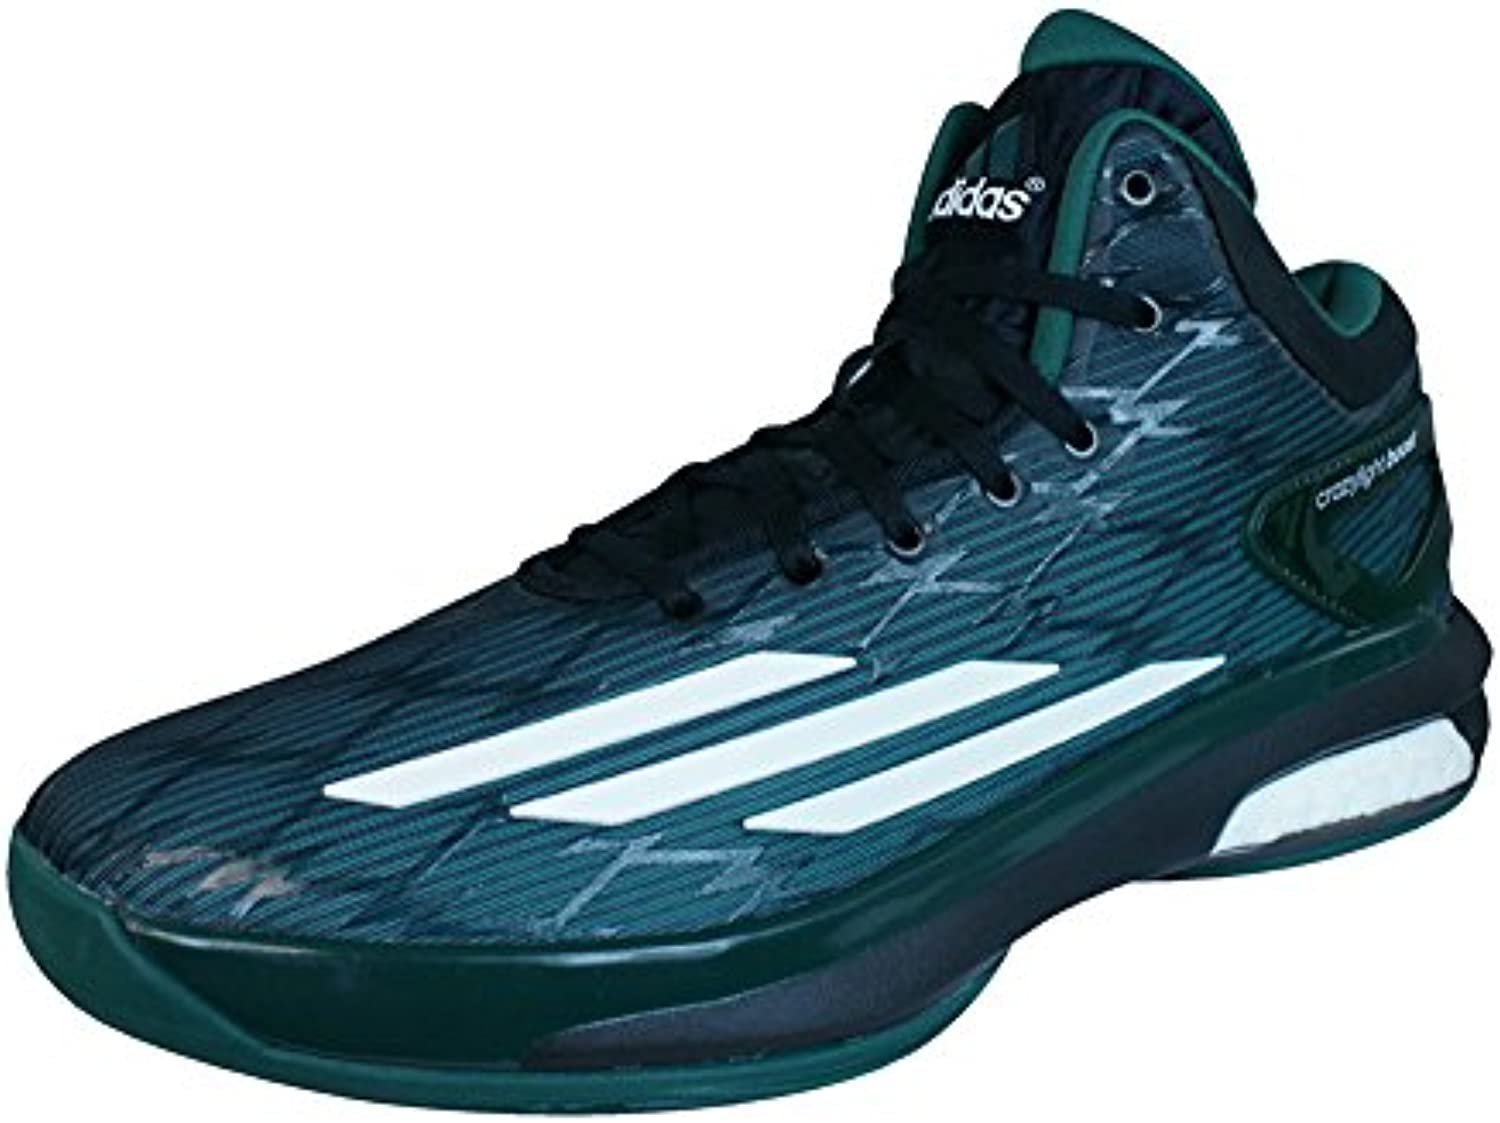 Adidas Crazylight Boost Basketballschuhe  Billig und erschwinglich Im Verkauf